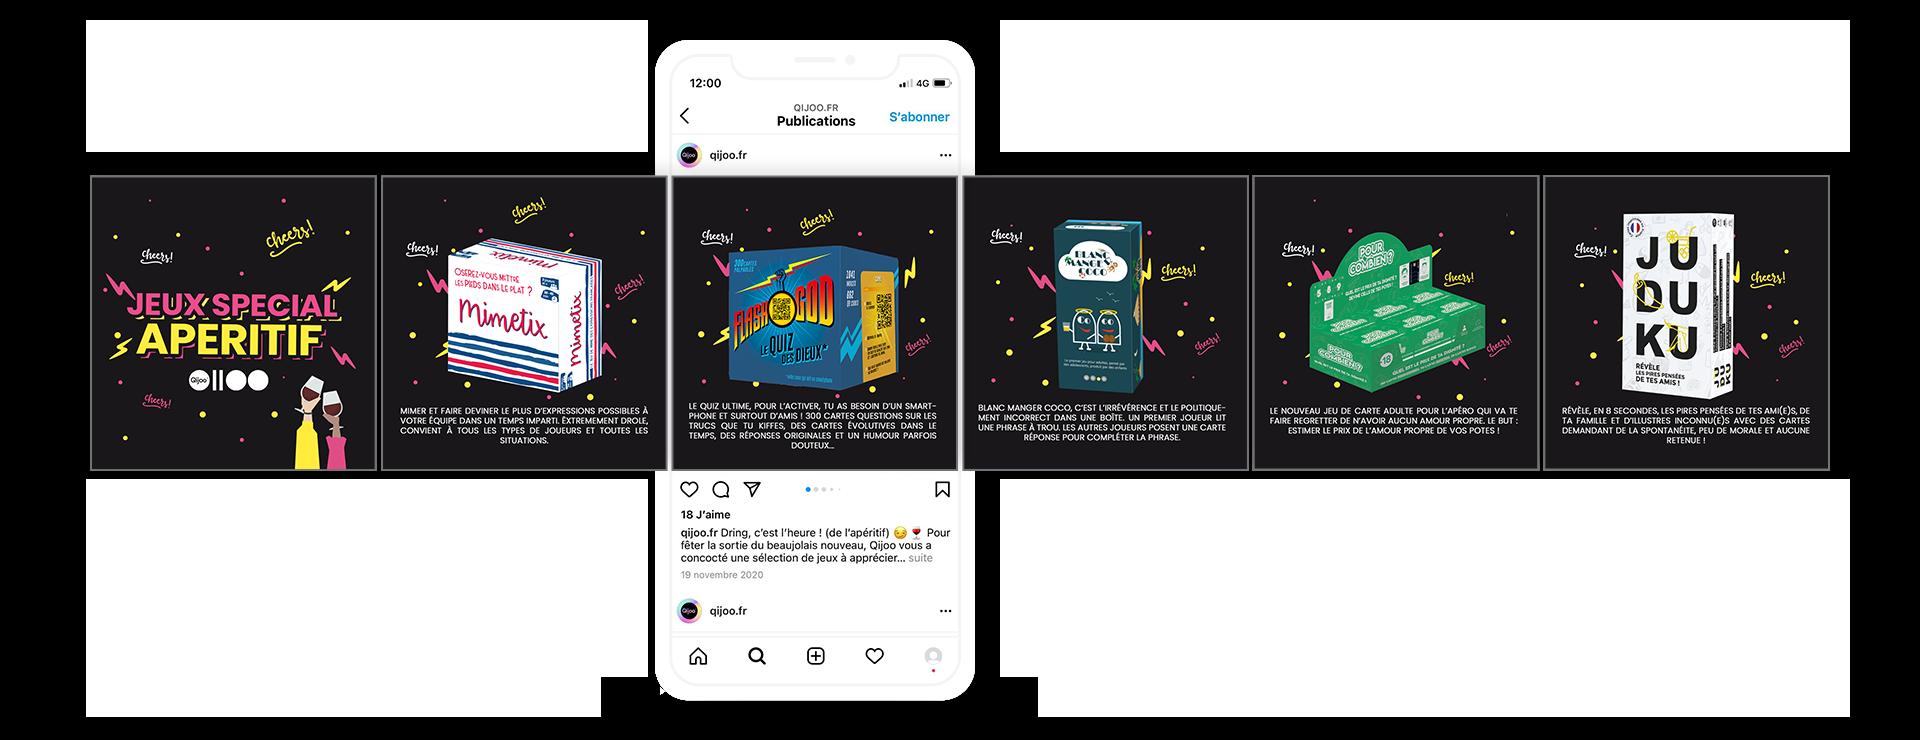 Carrousel Instagram Qijoo